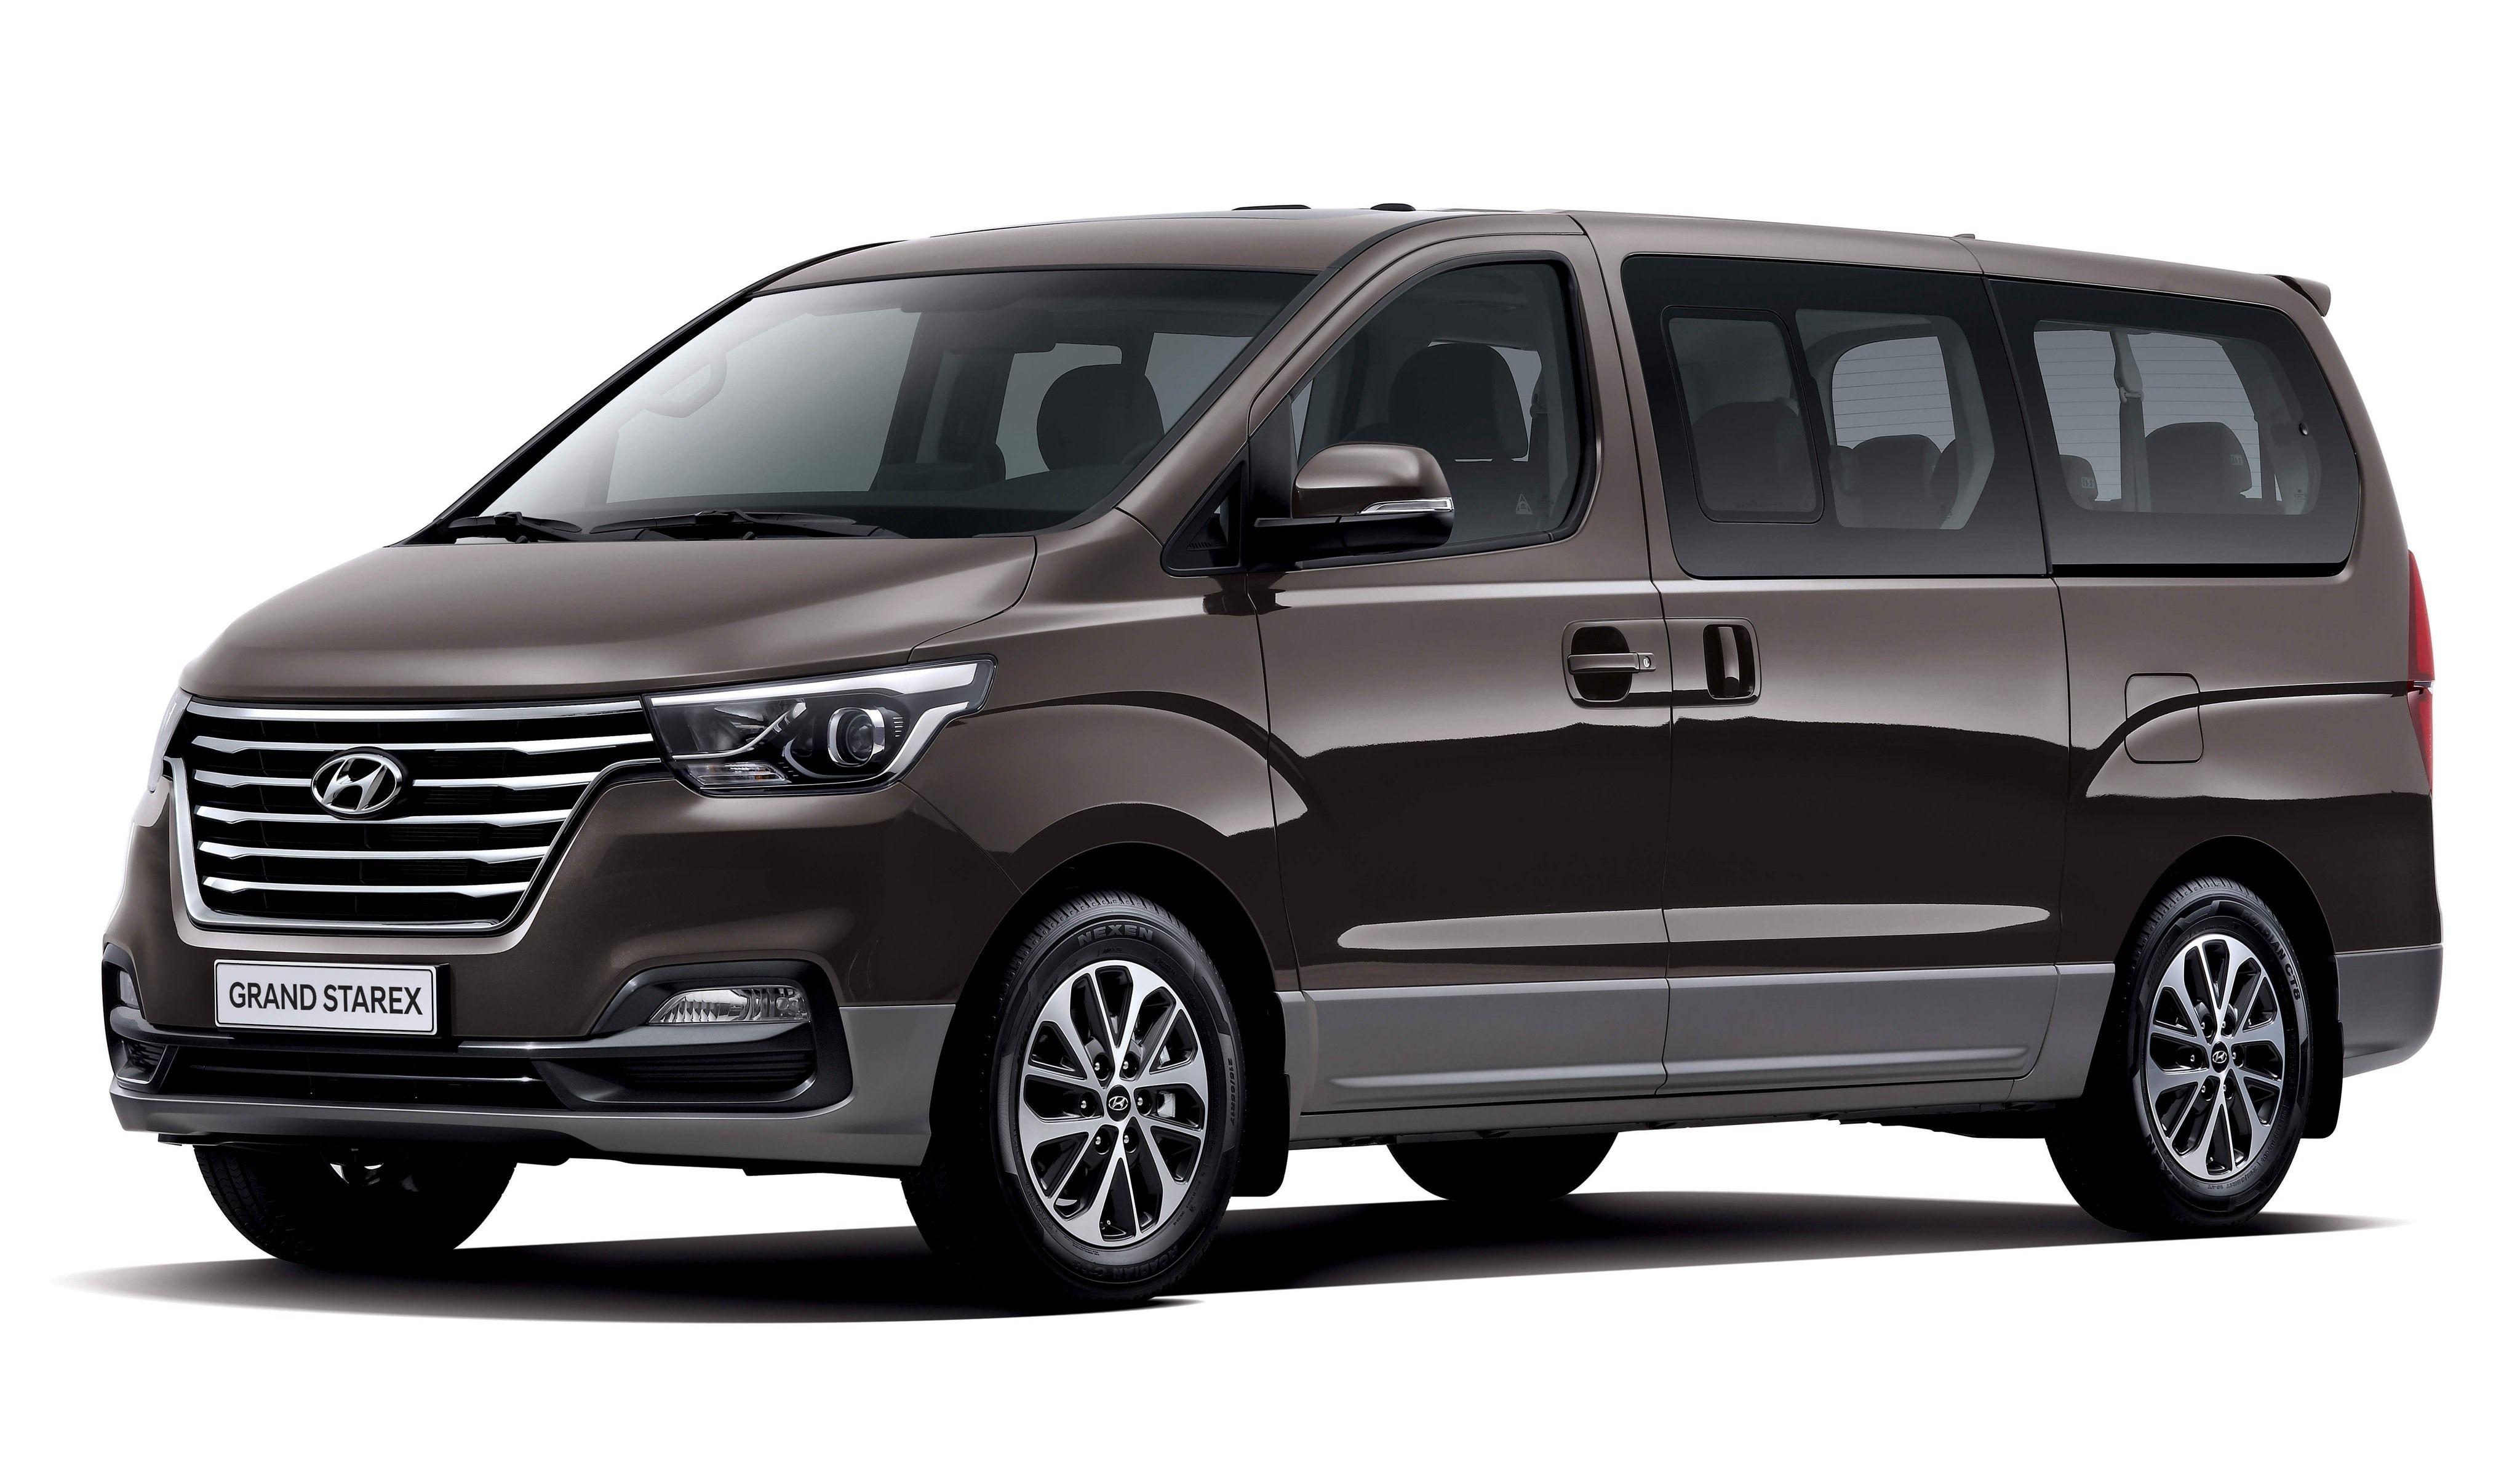 2019 Hyundai Van Redesign Price And Review Mini Van Hyundai Car